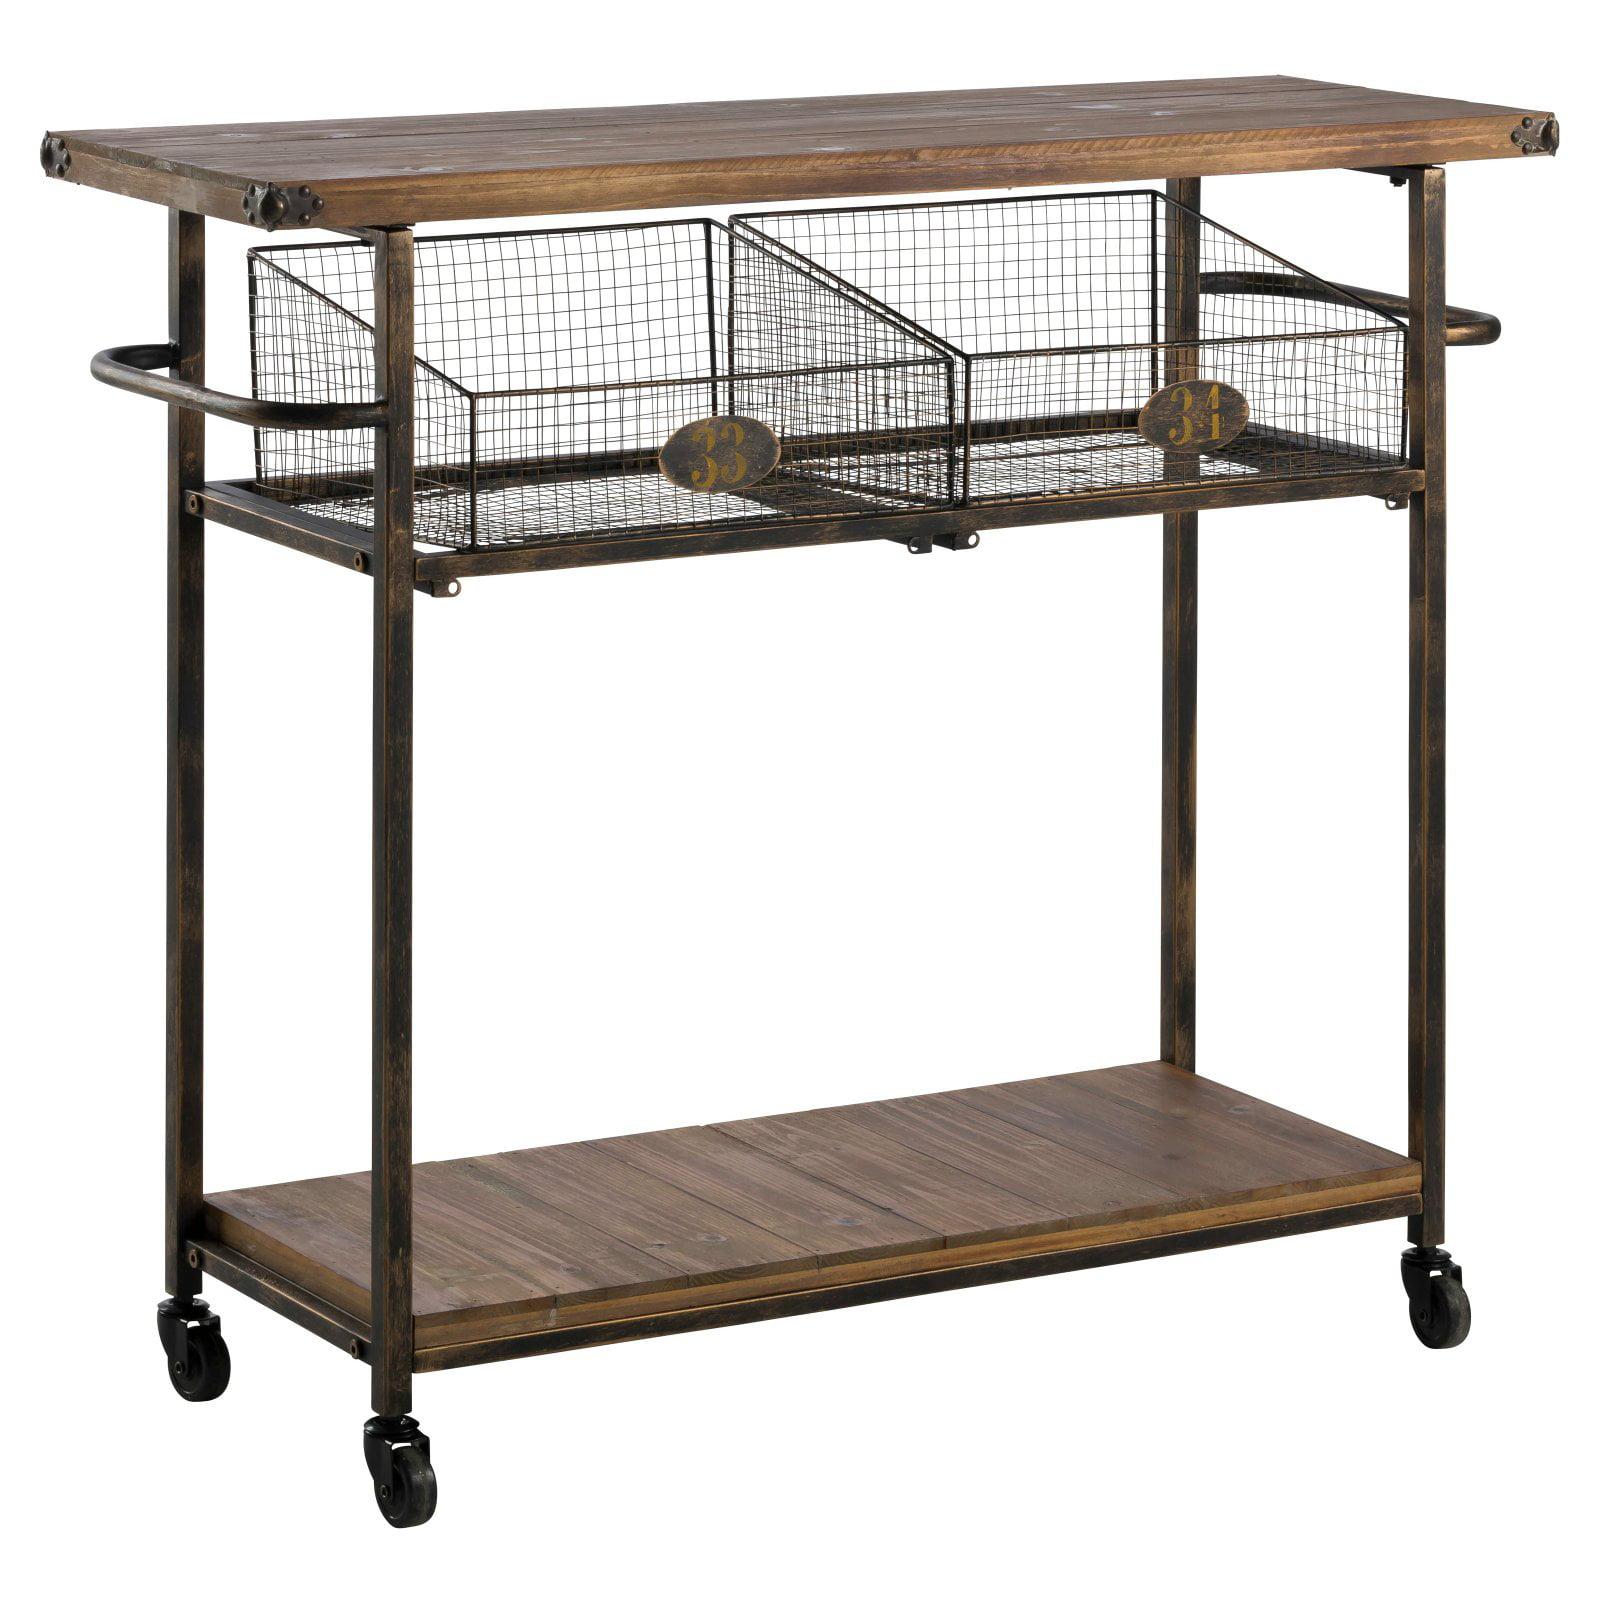 Welton Wood & Metal Serving Cart